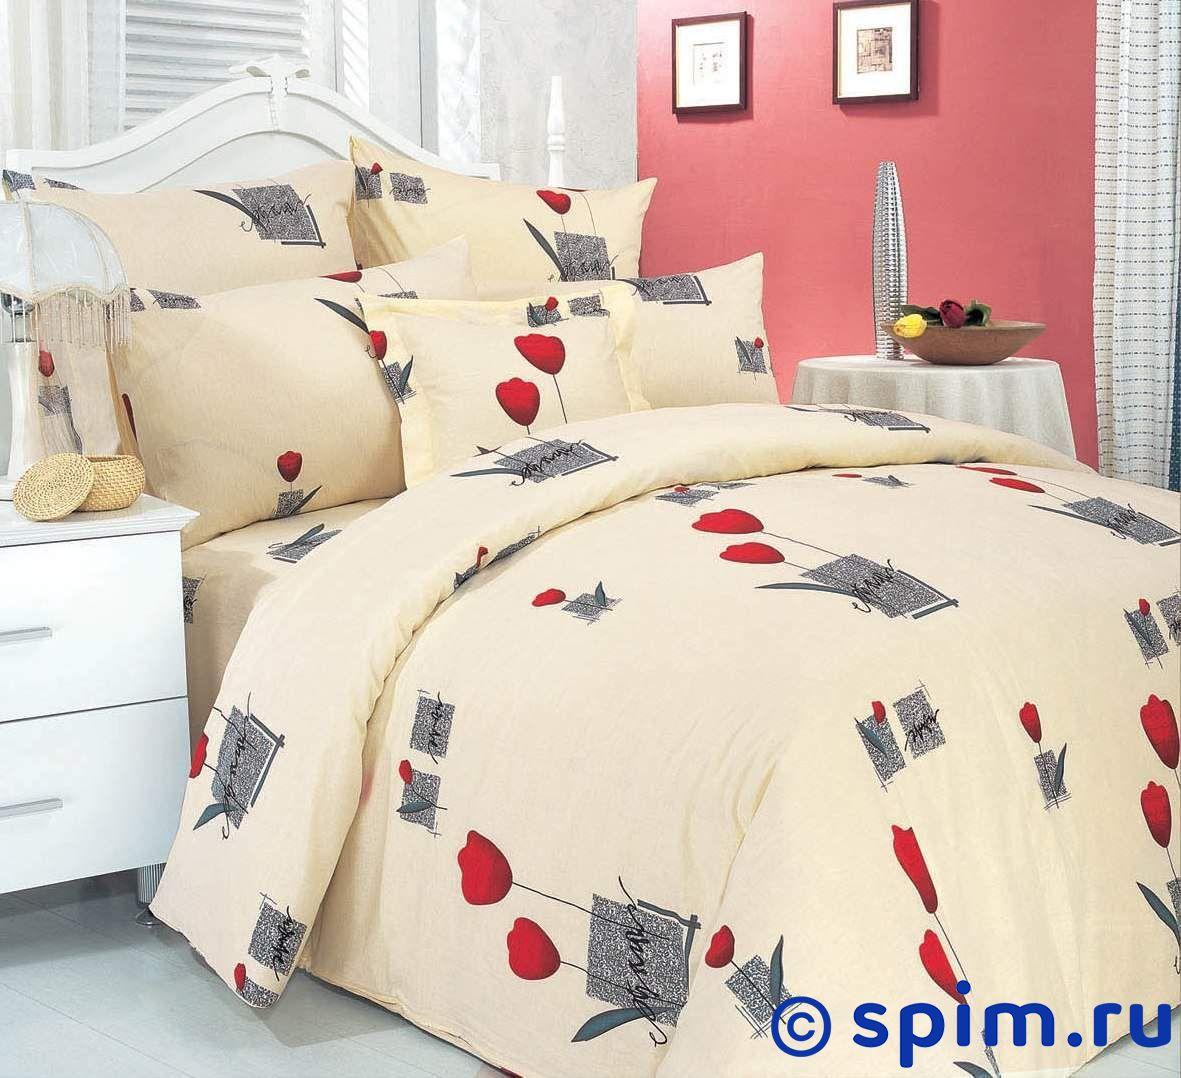 Комплект СайлиД А5 1.5 спальное